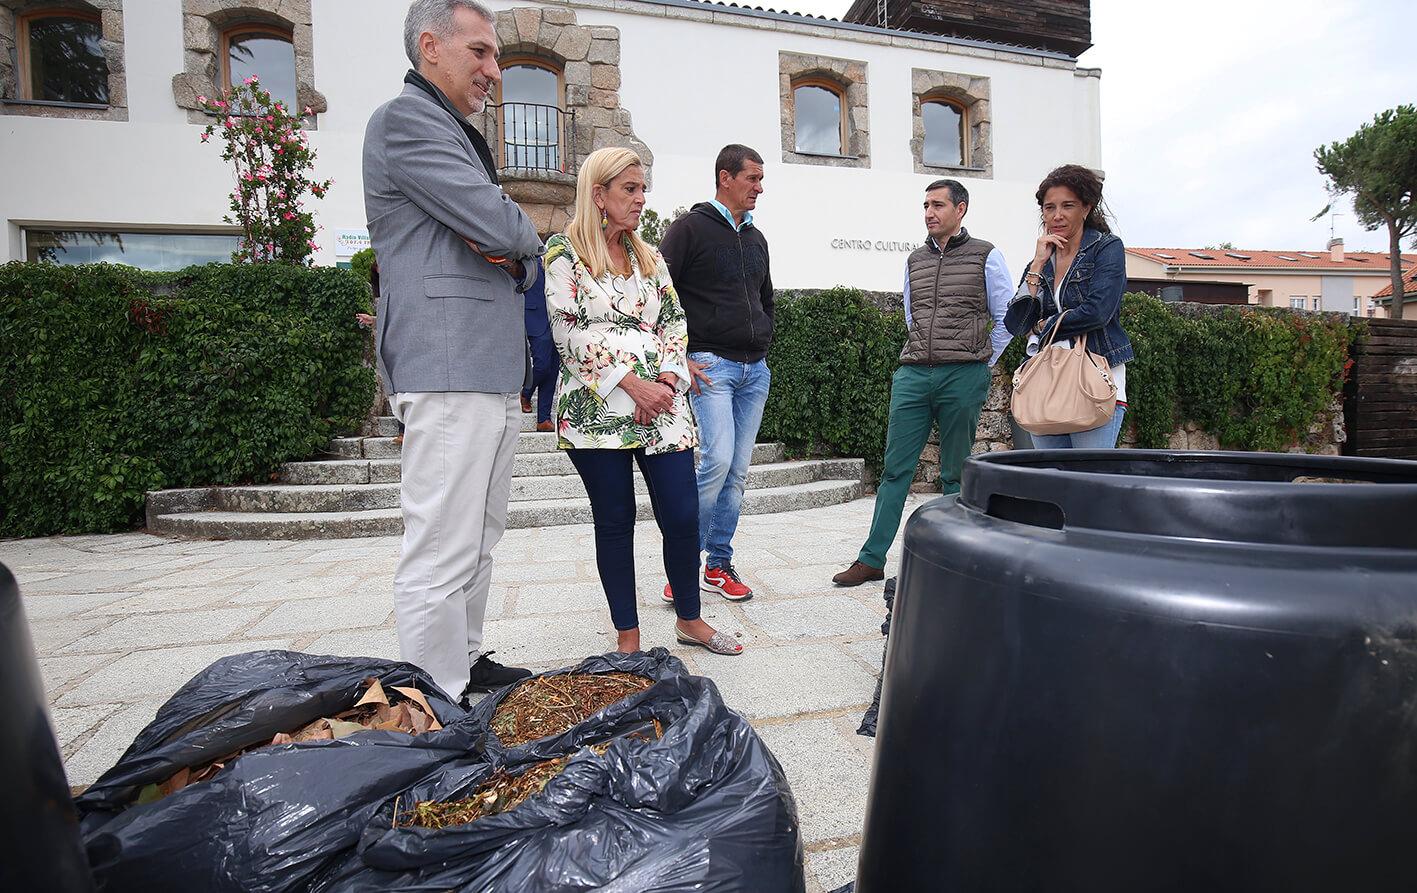 compost Villalba